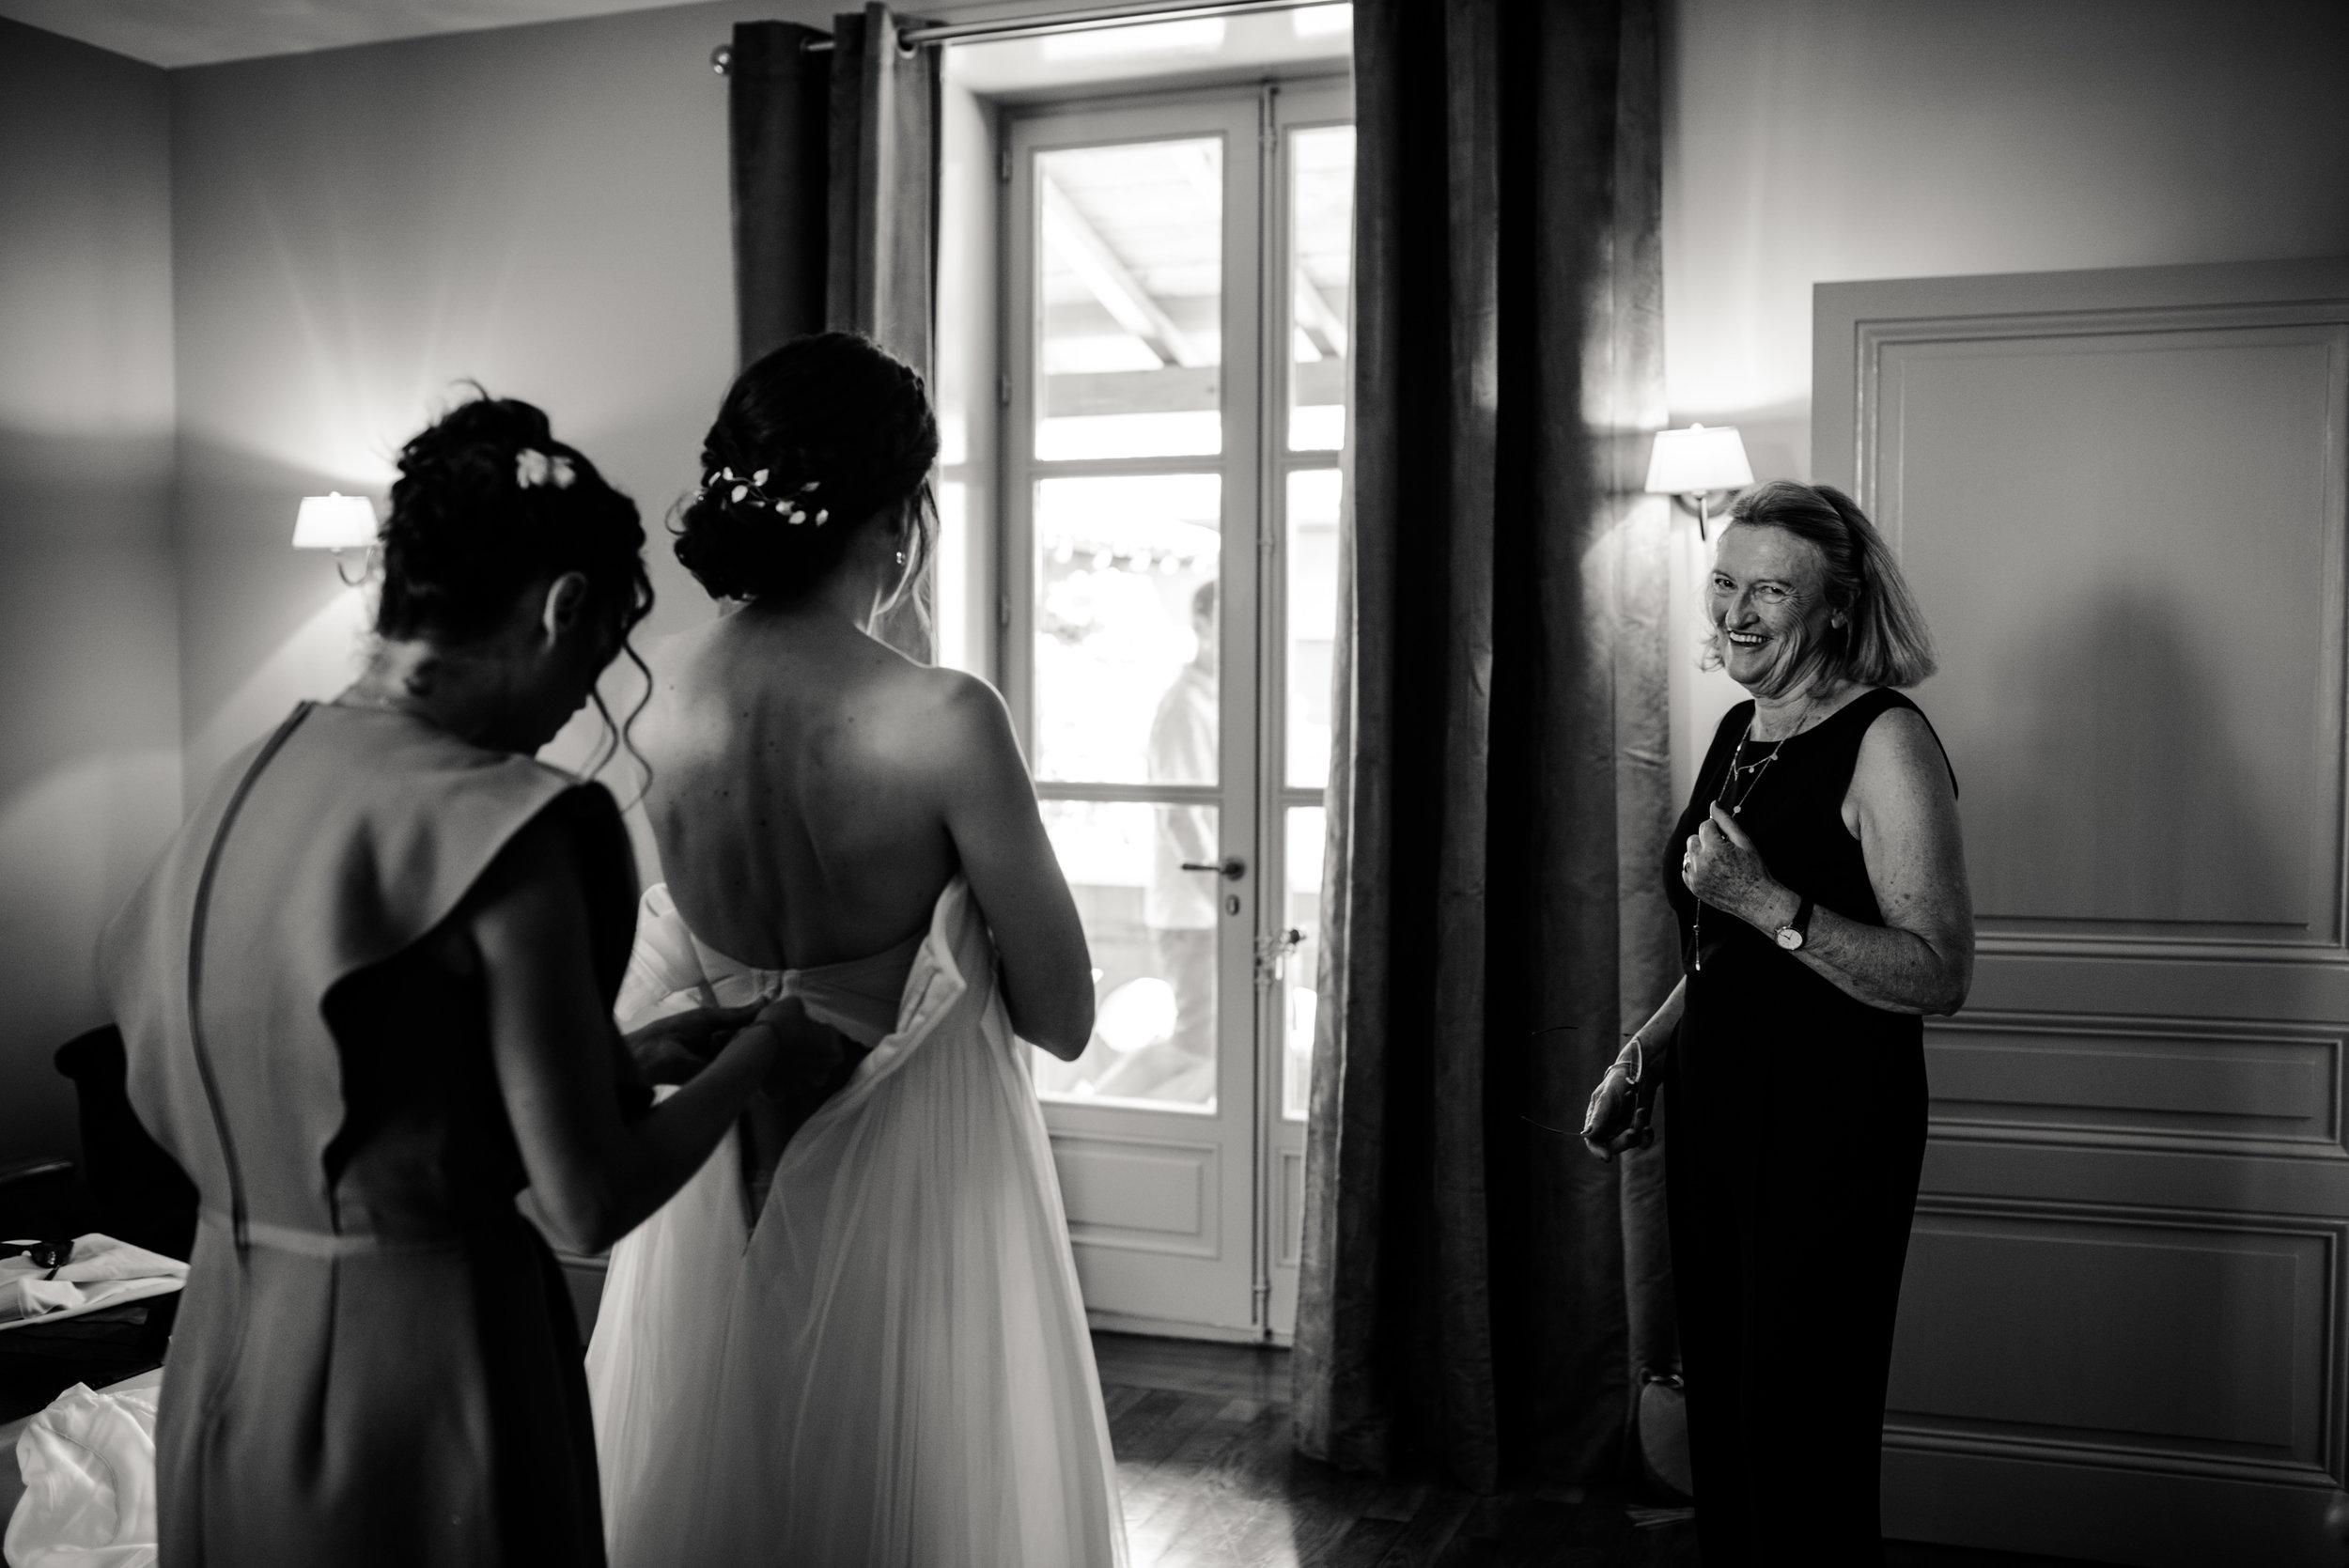 Léa-Fery-photographe-professionnel-lyon-rhone-alpes-portrait-creation-mariage-evenement-evenementiel-famille-7784.jpg